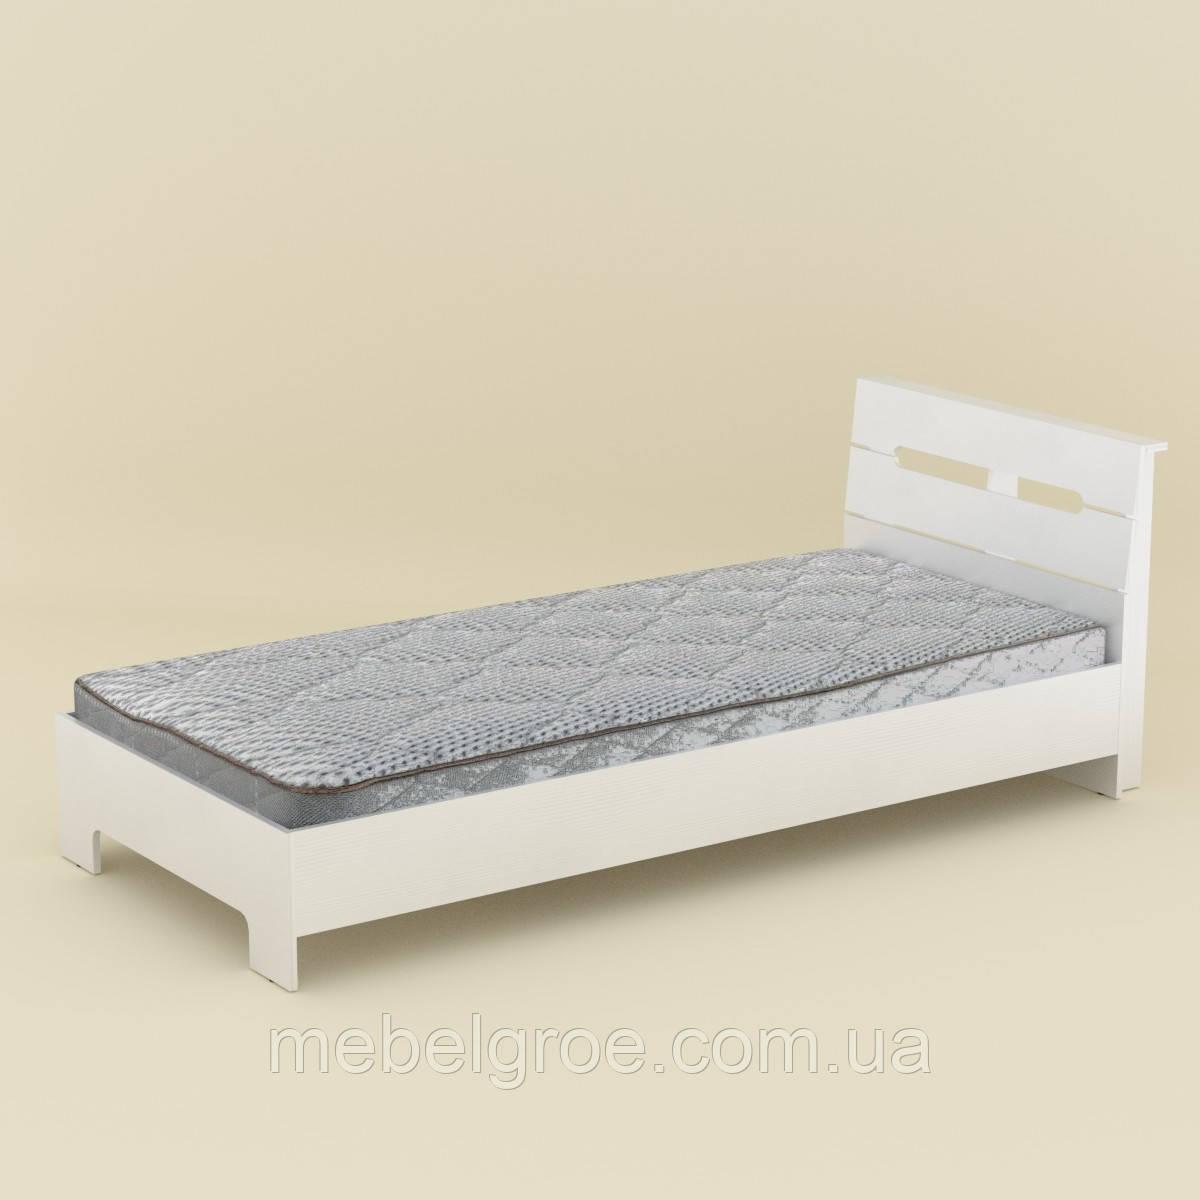 Односпальная кровать Стиль 90 тм Компанит